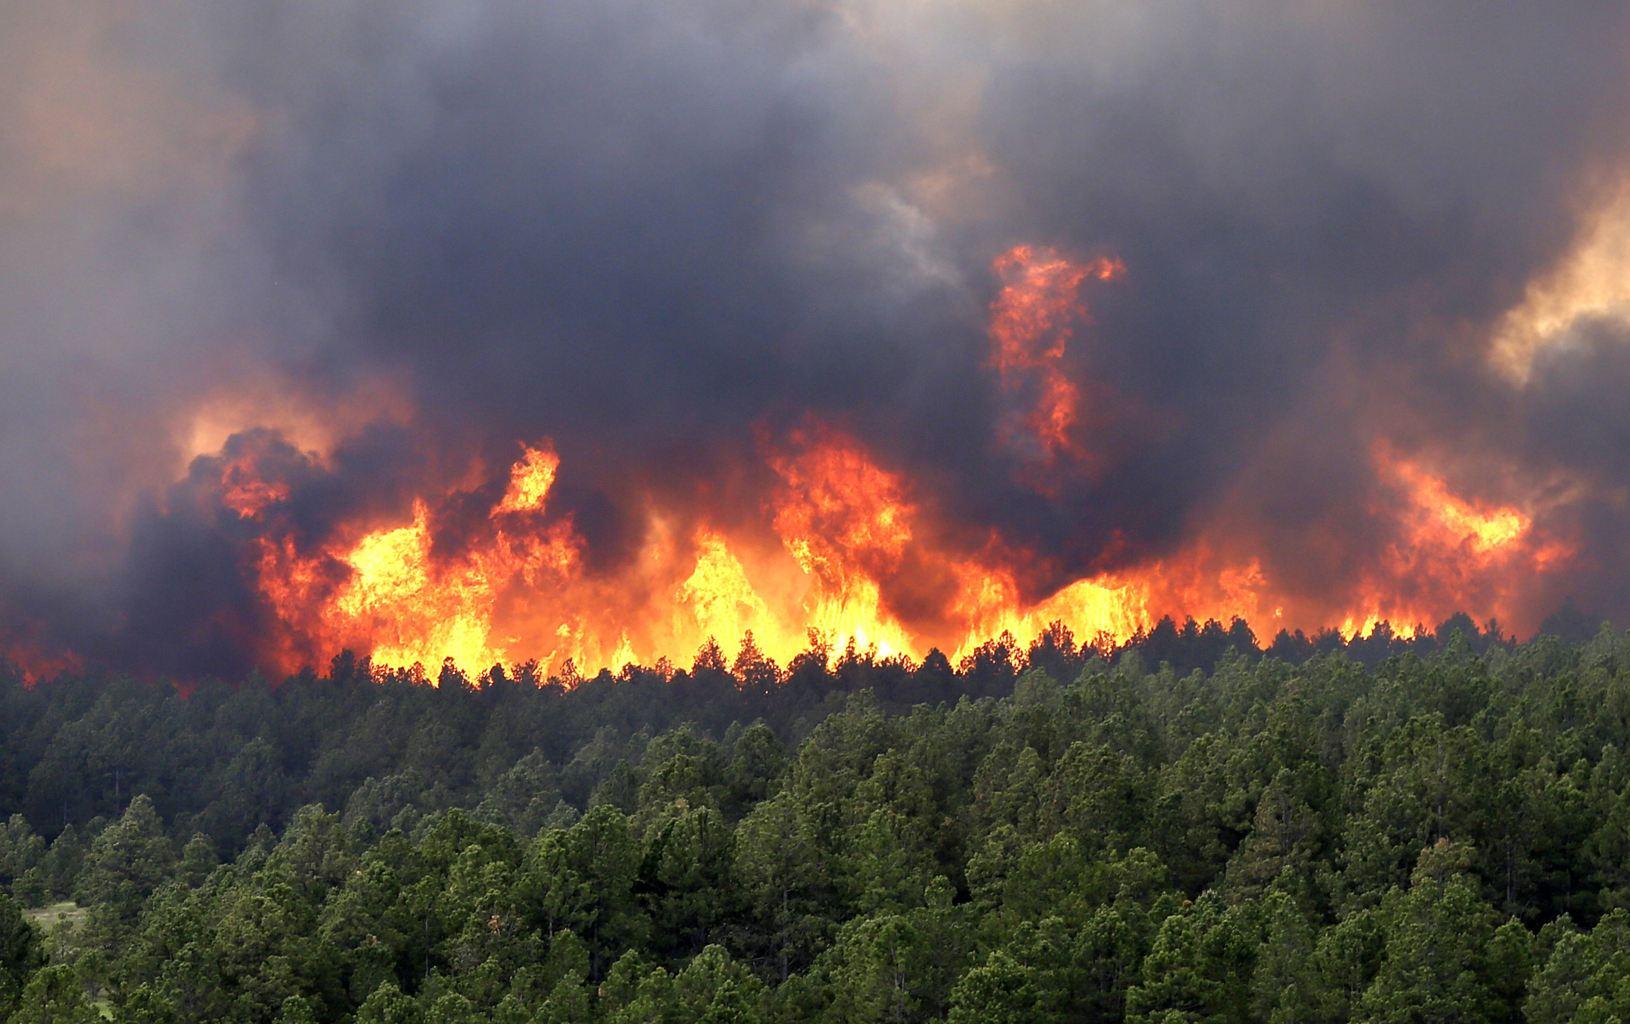 گرمای شدید هوا و افزایش خطر آتش سوزی در استان گیلان